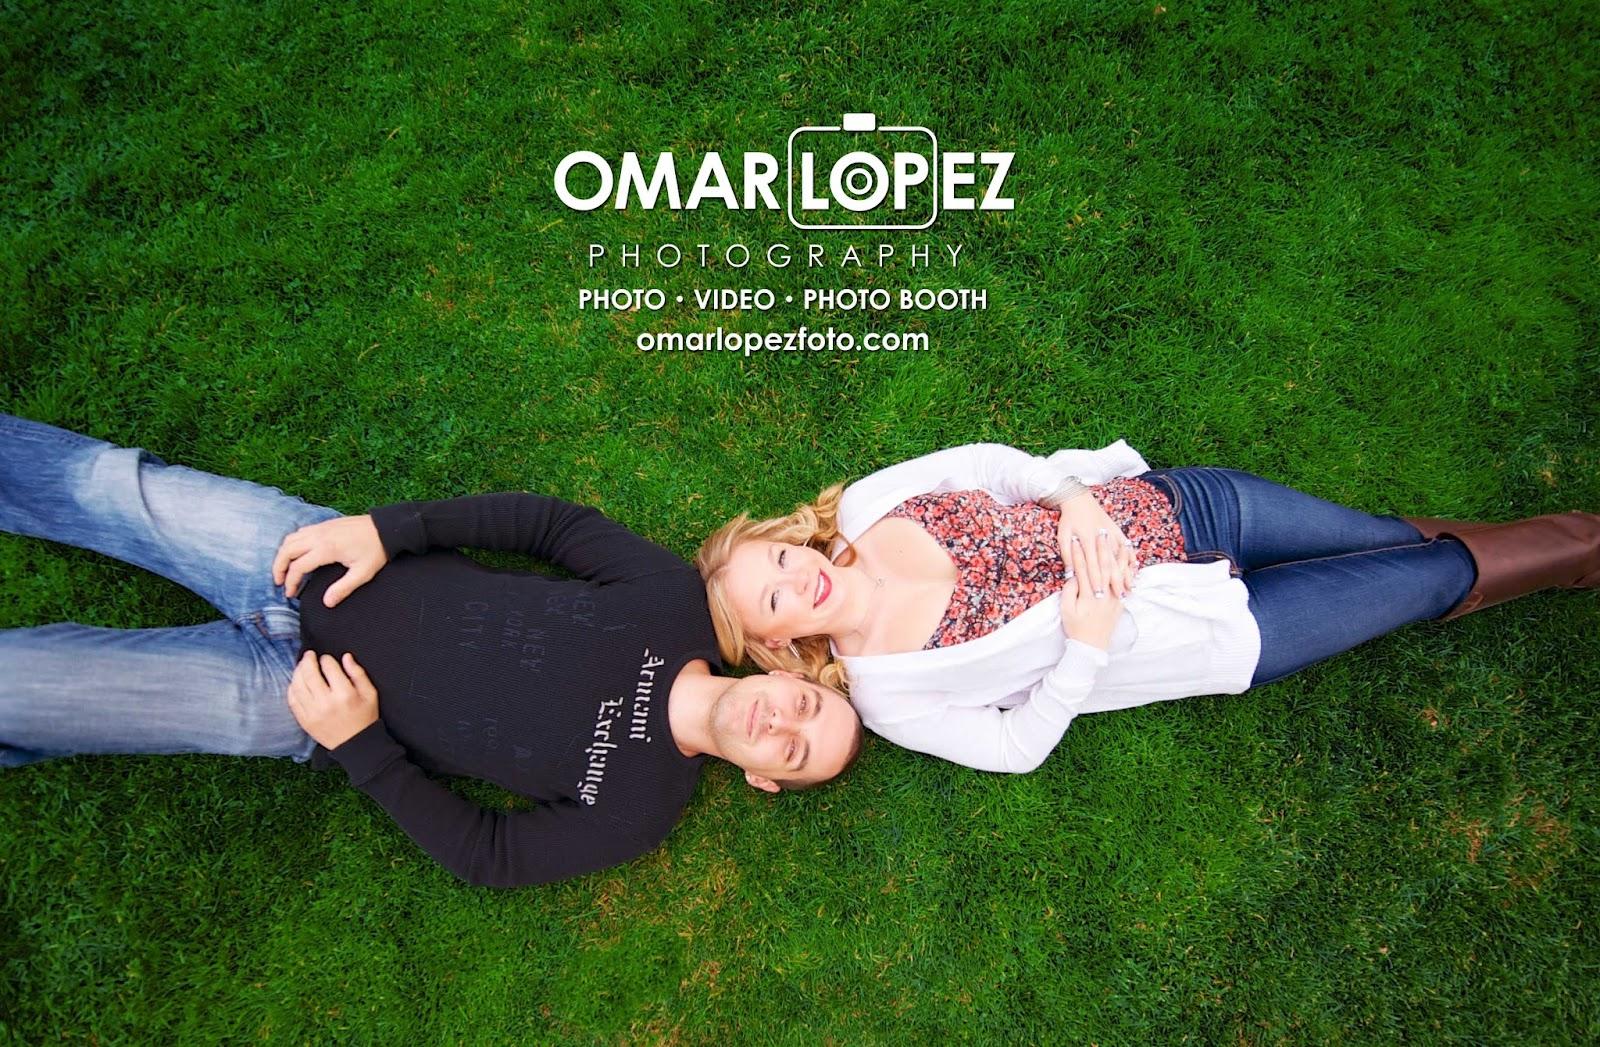 www.omarlopezfoto.com